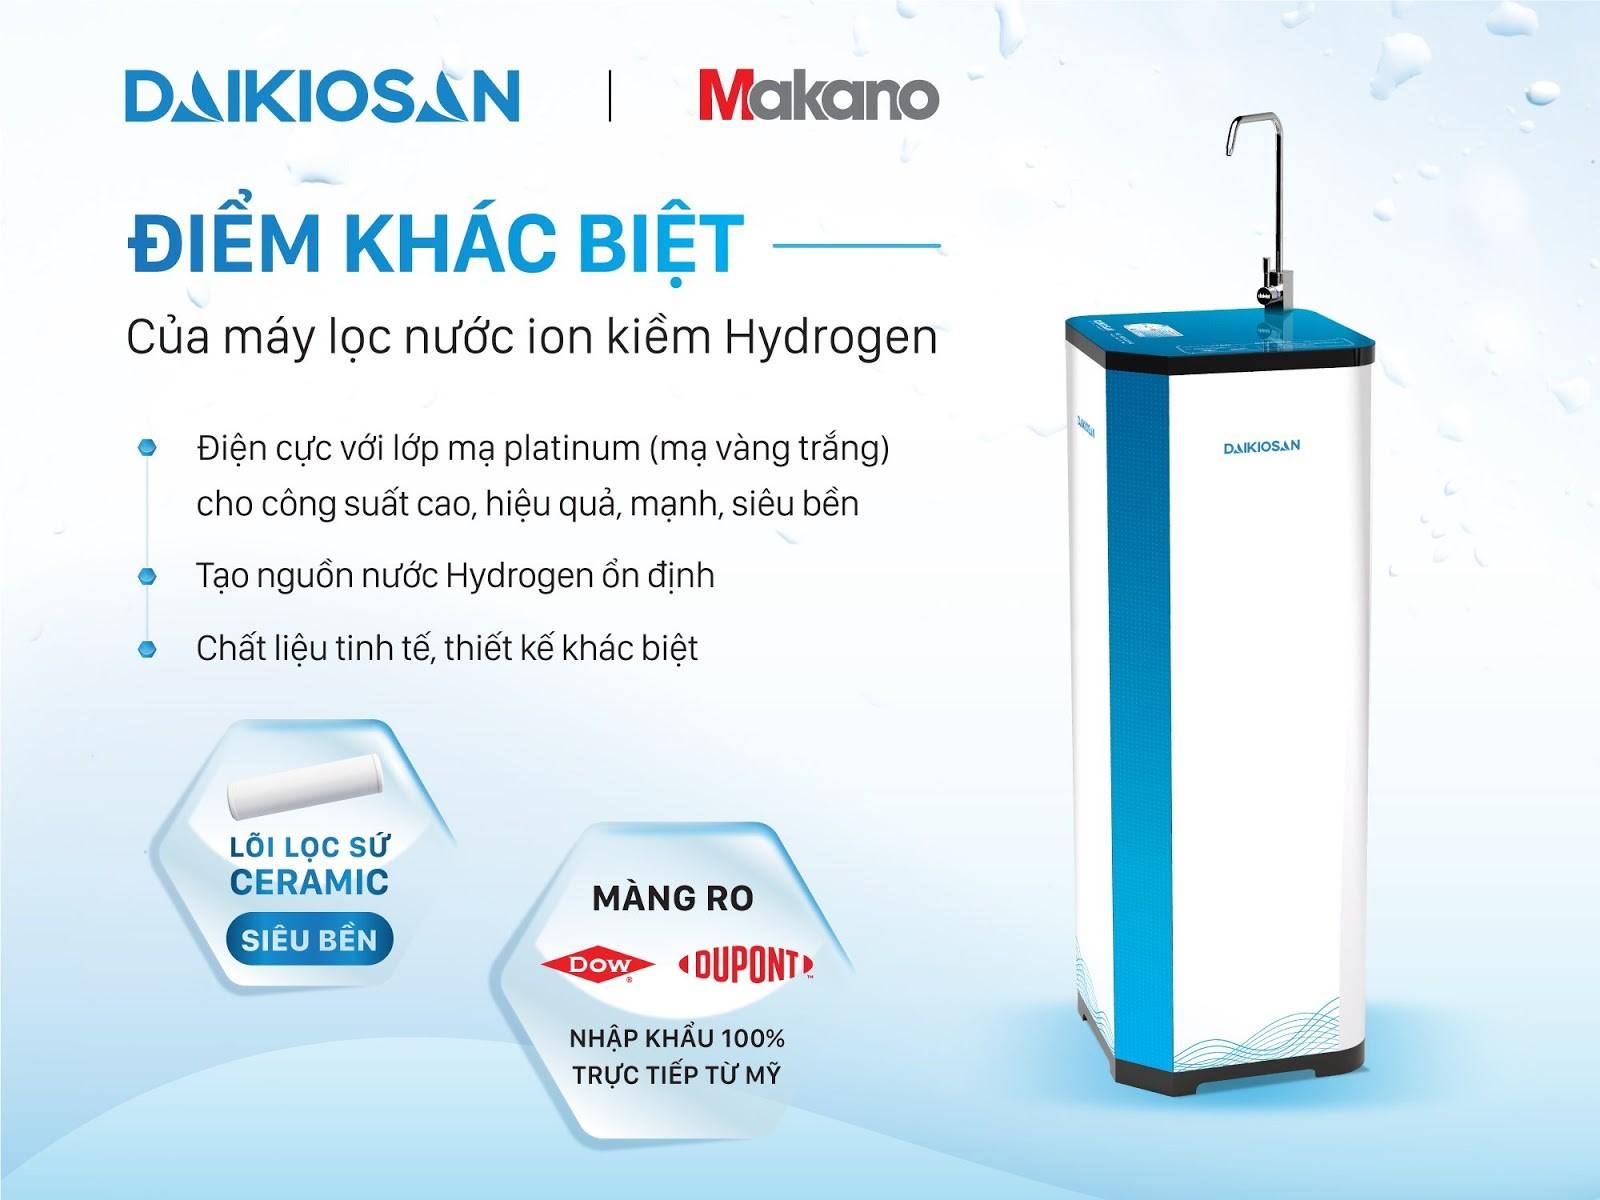 điểm khác biệt máy lọc nước daikiosan